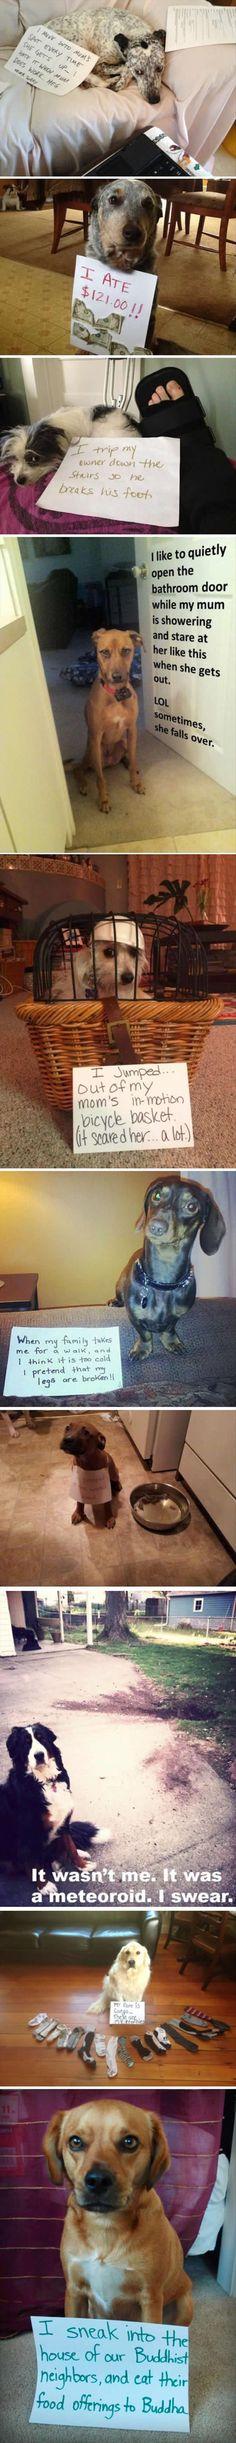 La mirada del 4to perro es humanoide!! Asusta!!